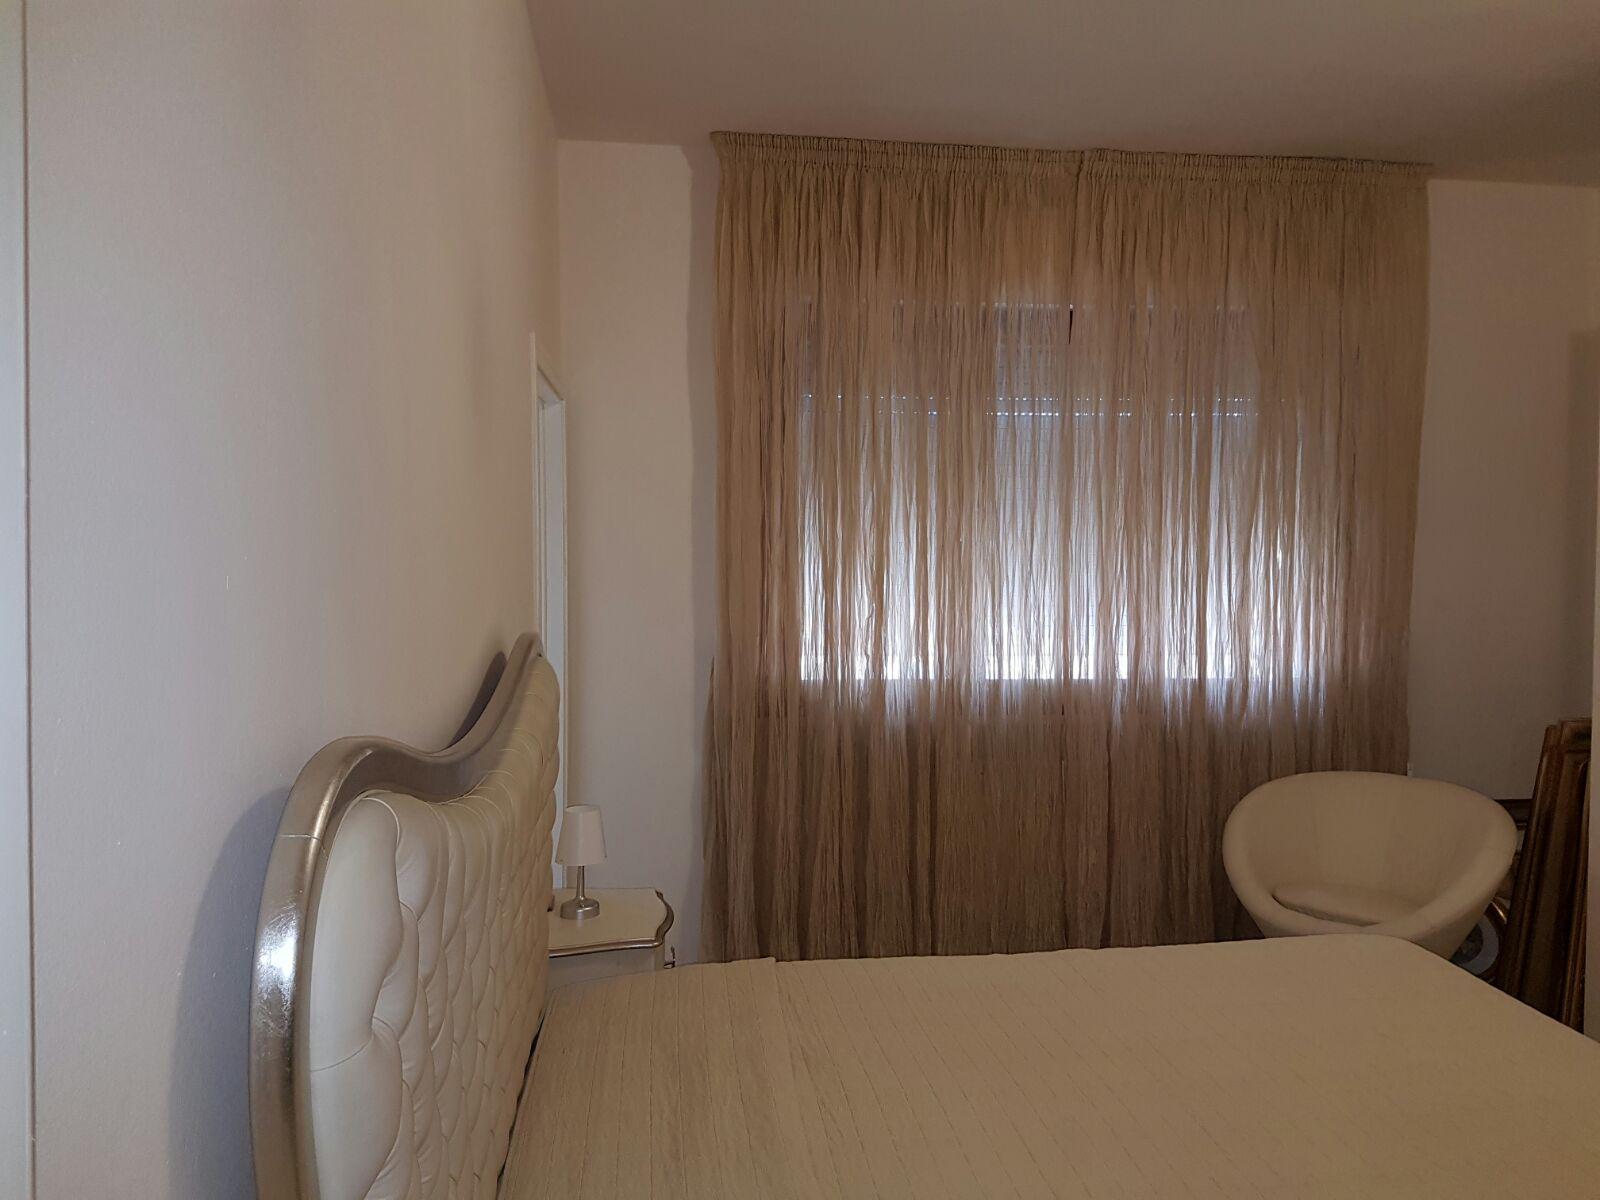 Pavimenti in resina effetto marmo - Tende per camere da letto ...